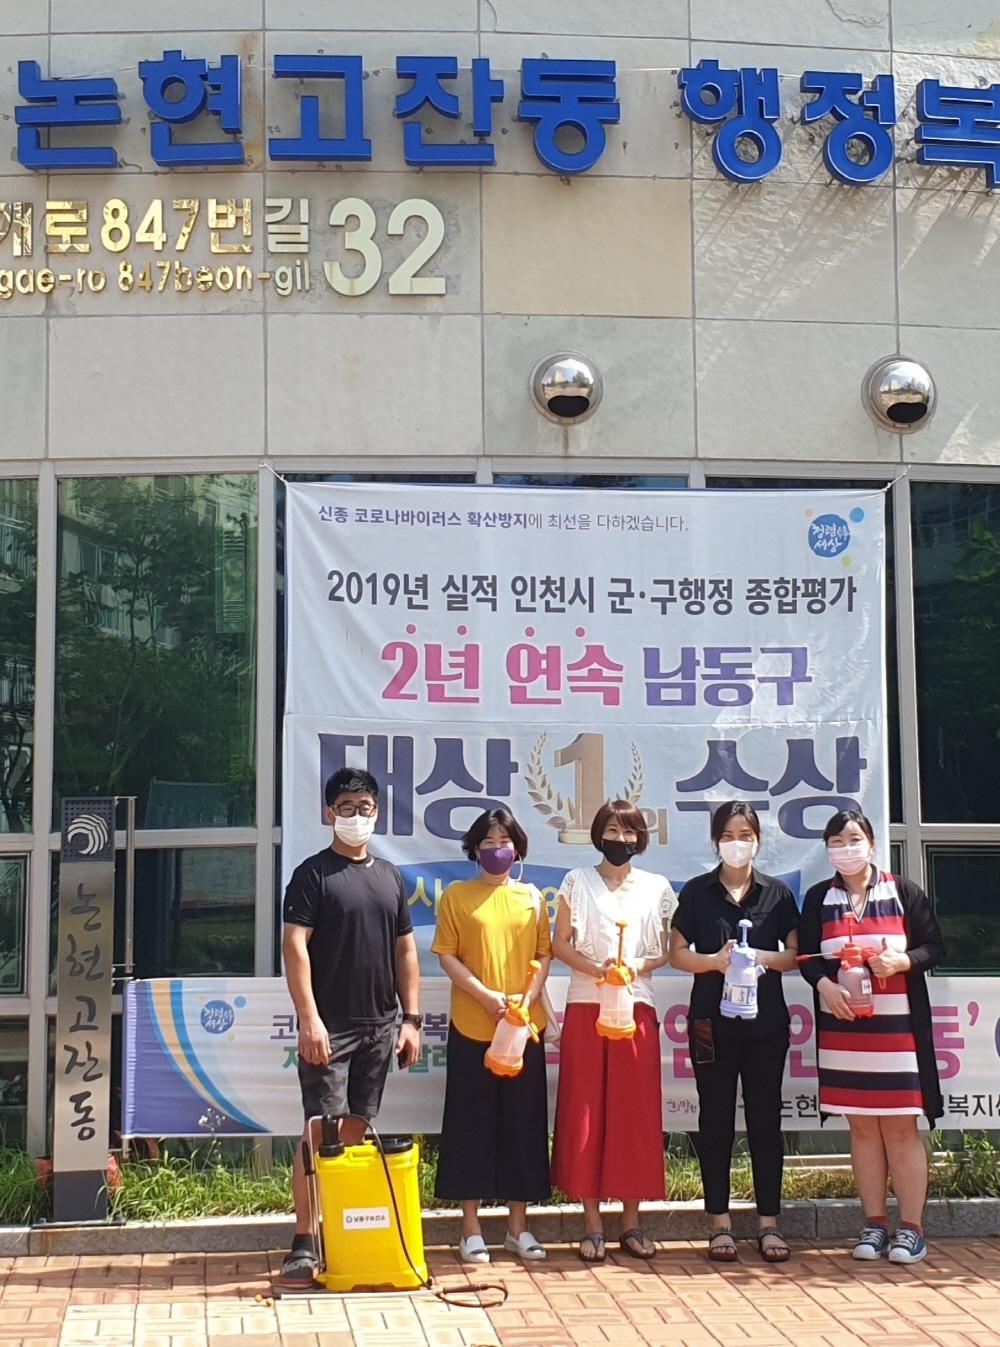 인천논현동 코로나19 방역 자원봉사_아이다움